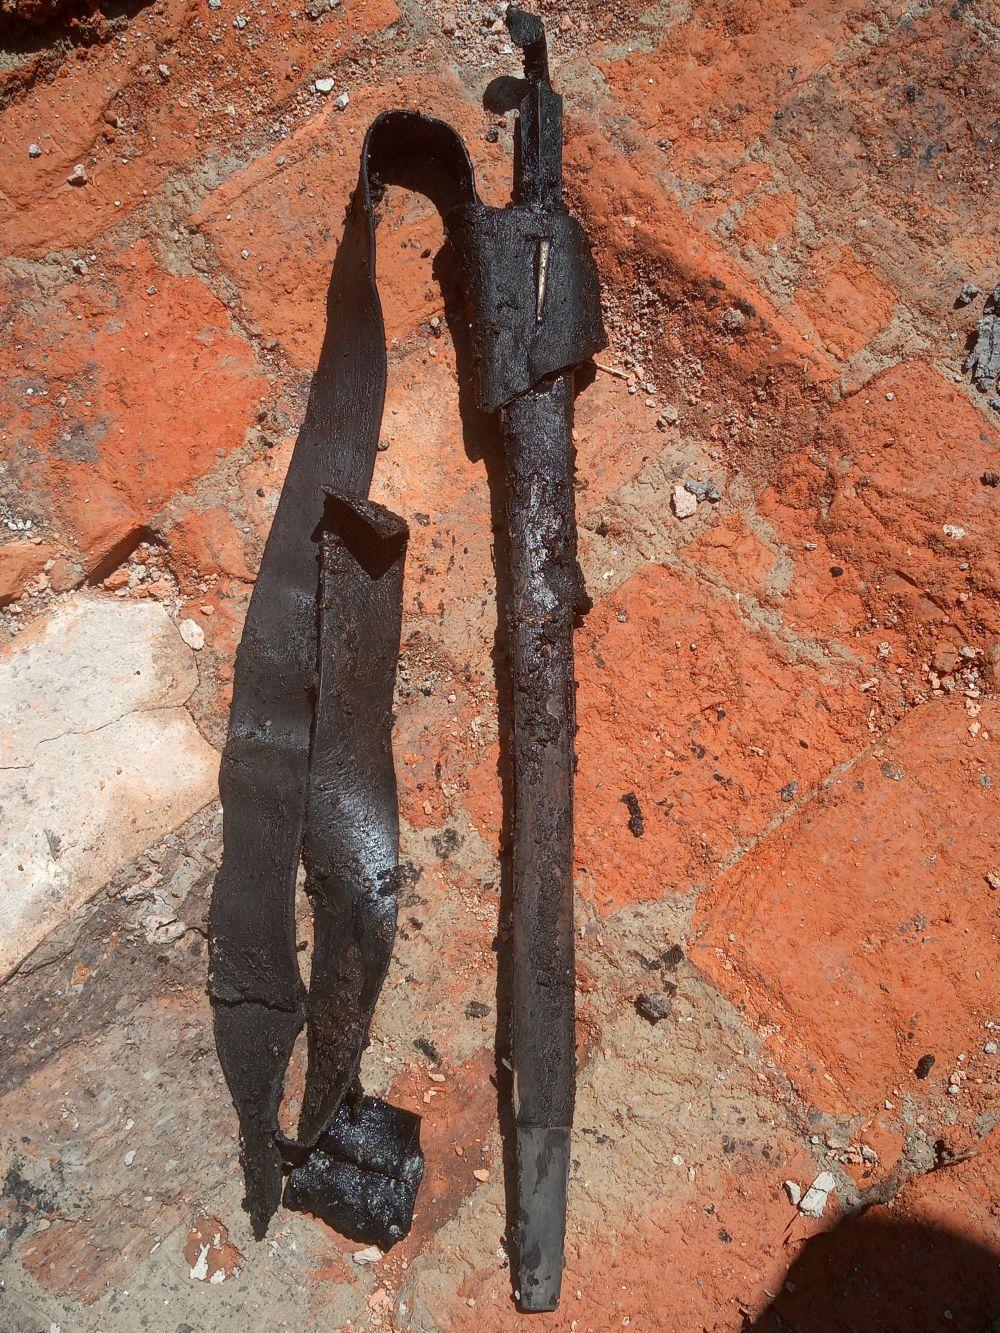 I. világháborús bajonett, abban az állapotban, ahogy a földből előkerült